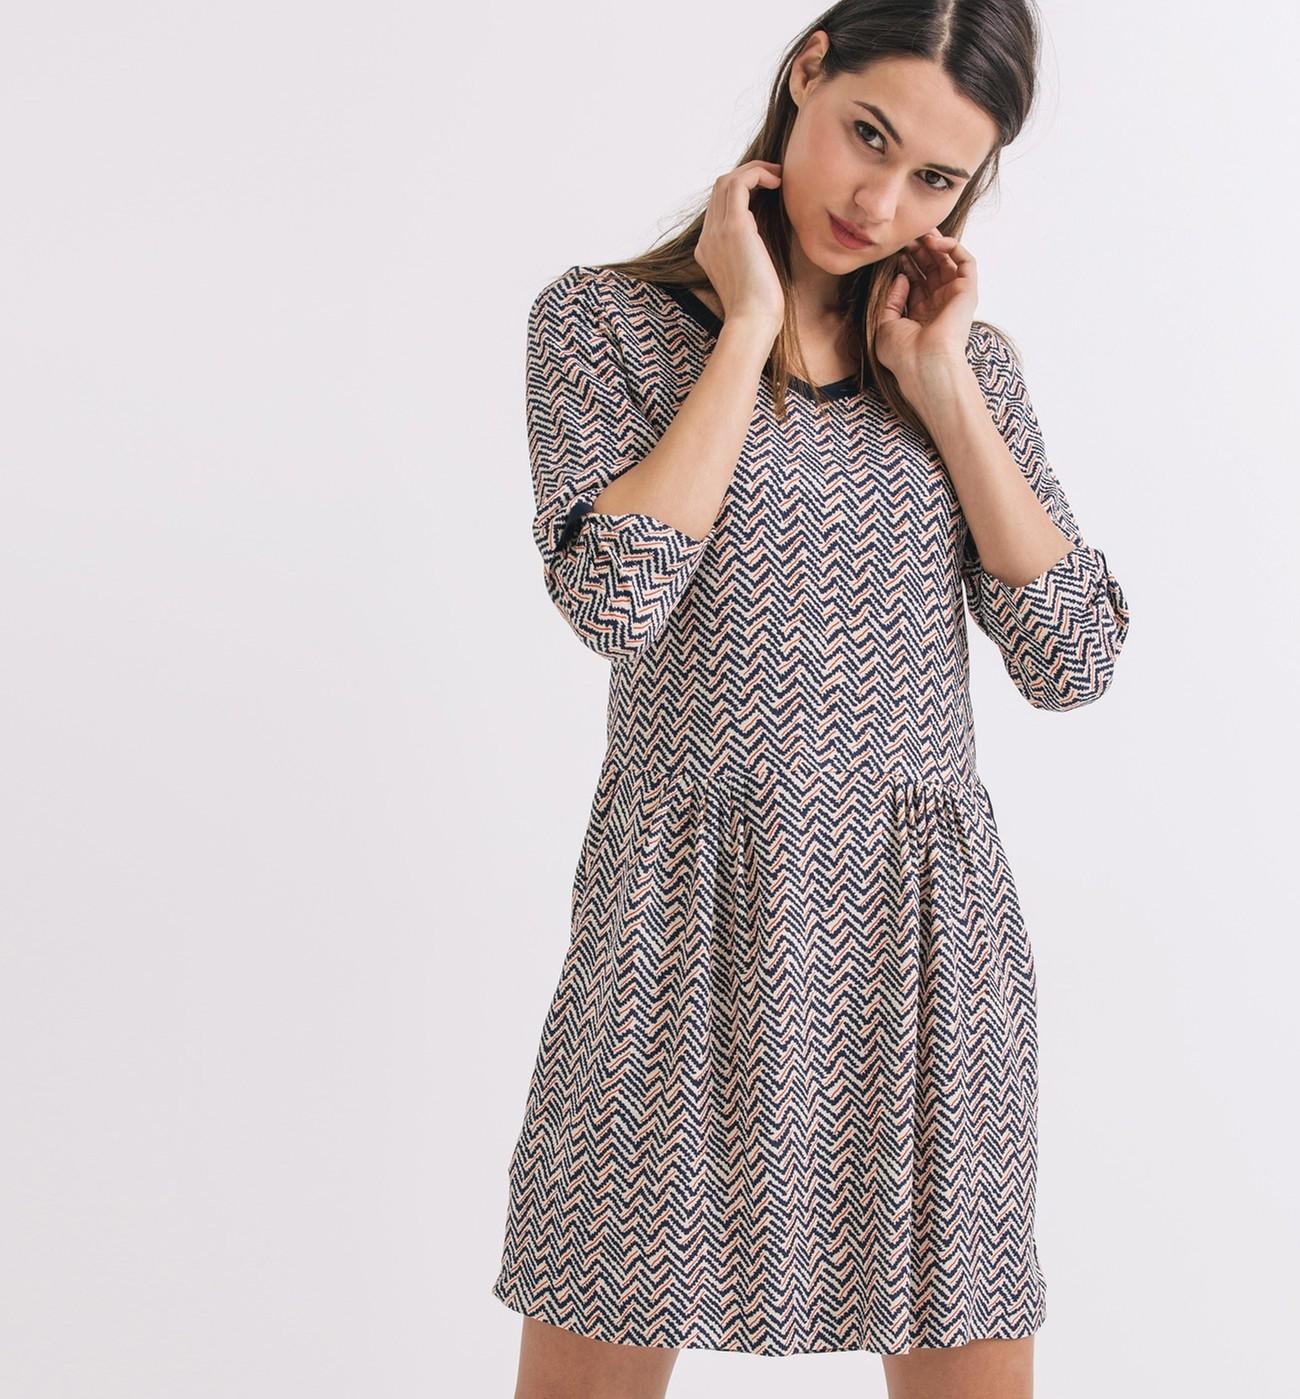 2994083340808b Robe imprimée crêpée - Imprimé multicolore - Robes - Femme - Promod